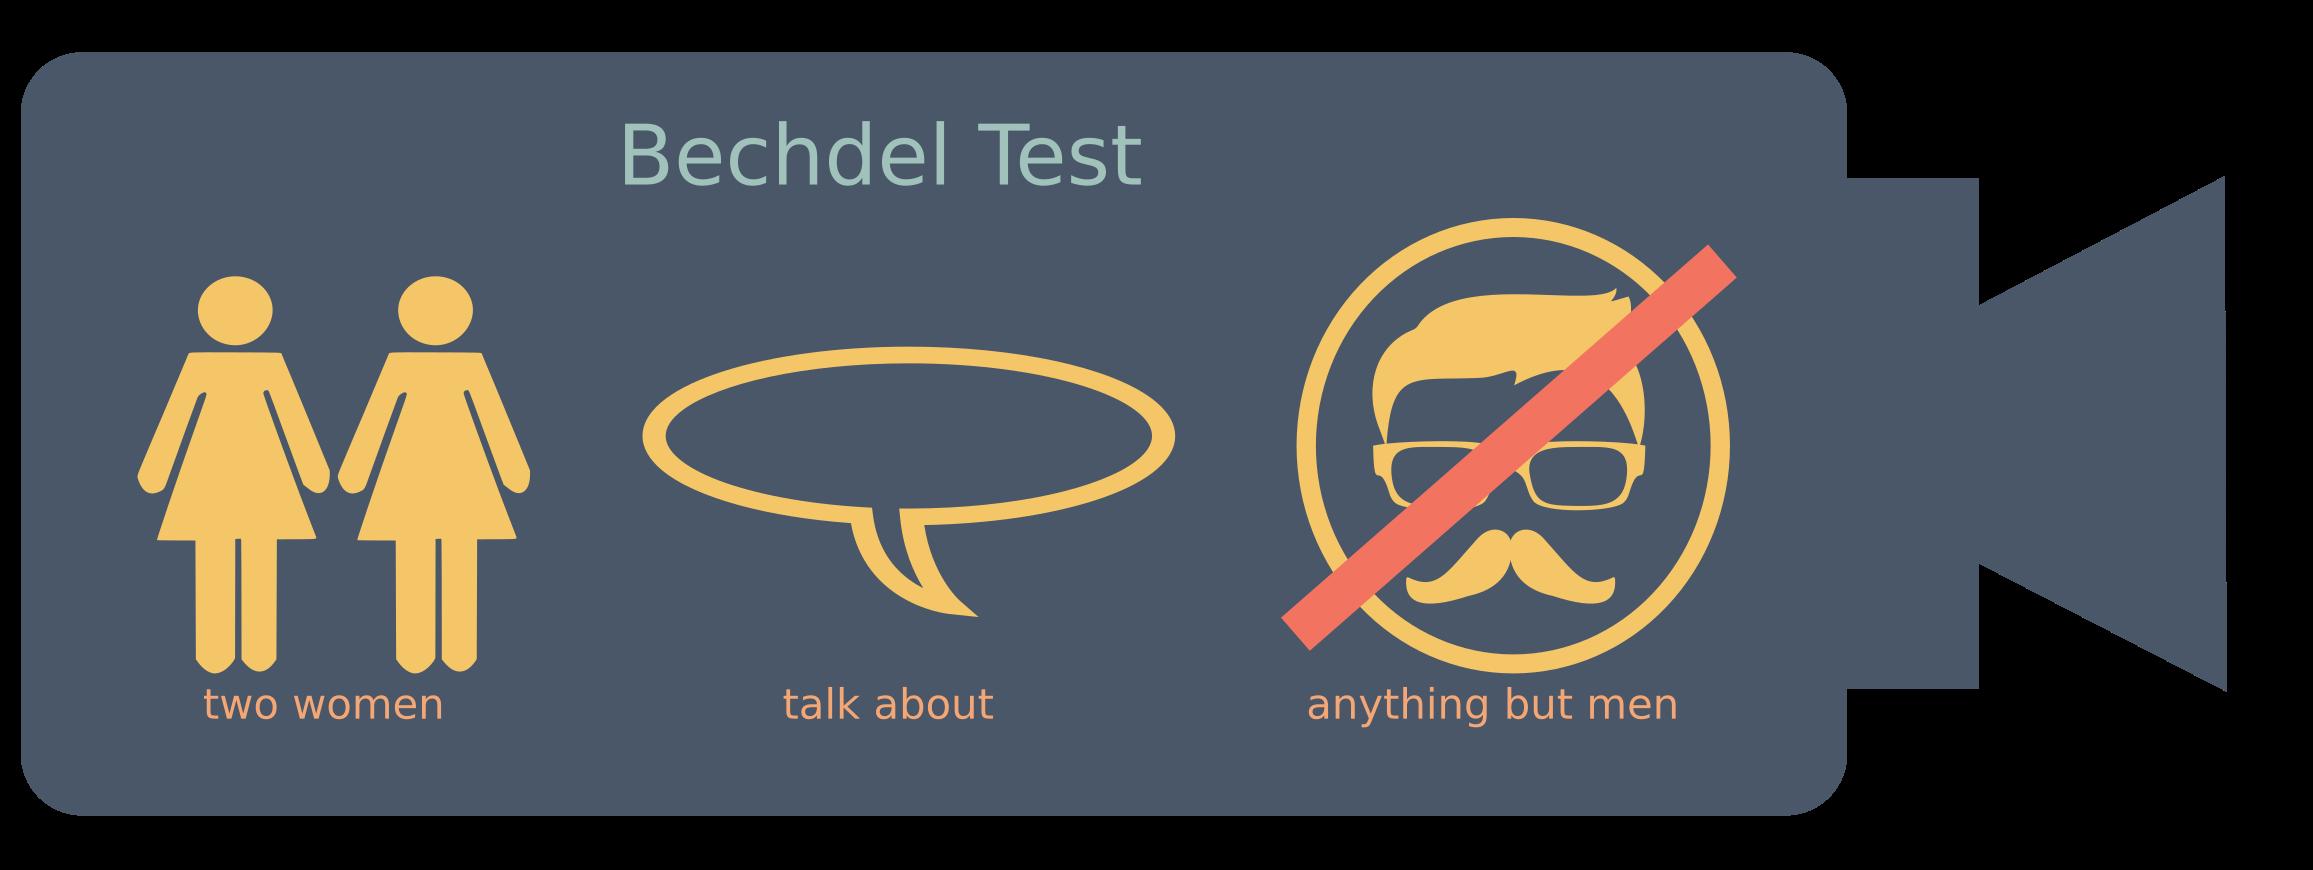 Test de Bechdel — Wikipédia